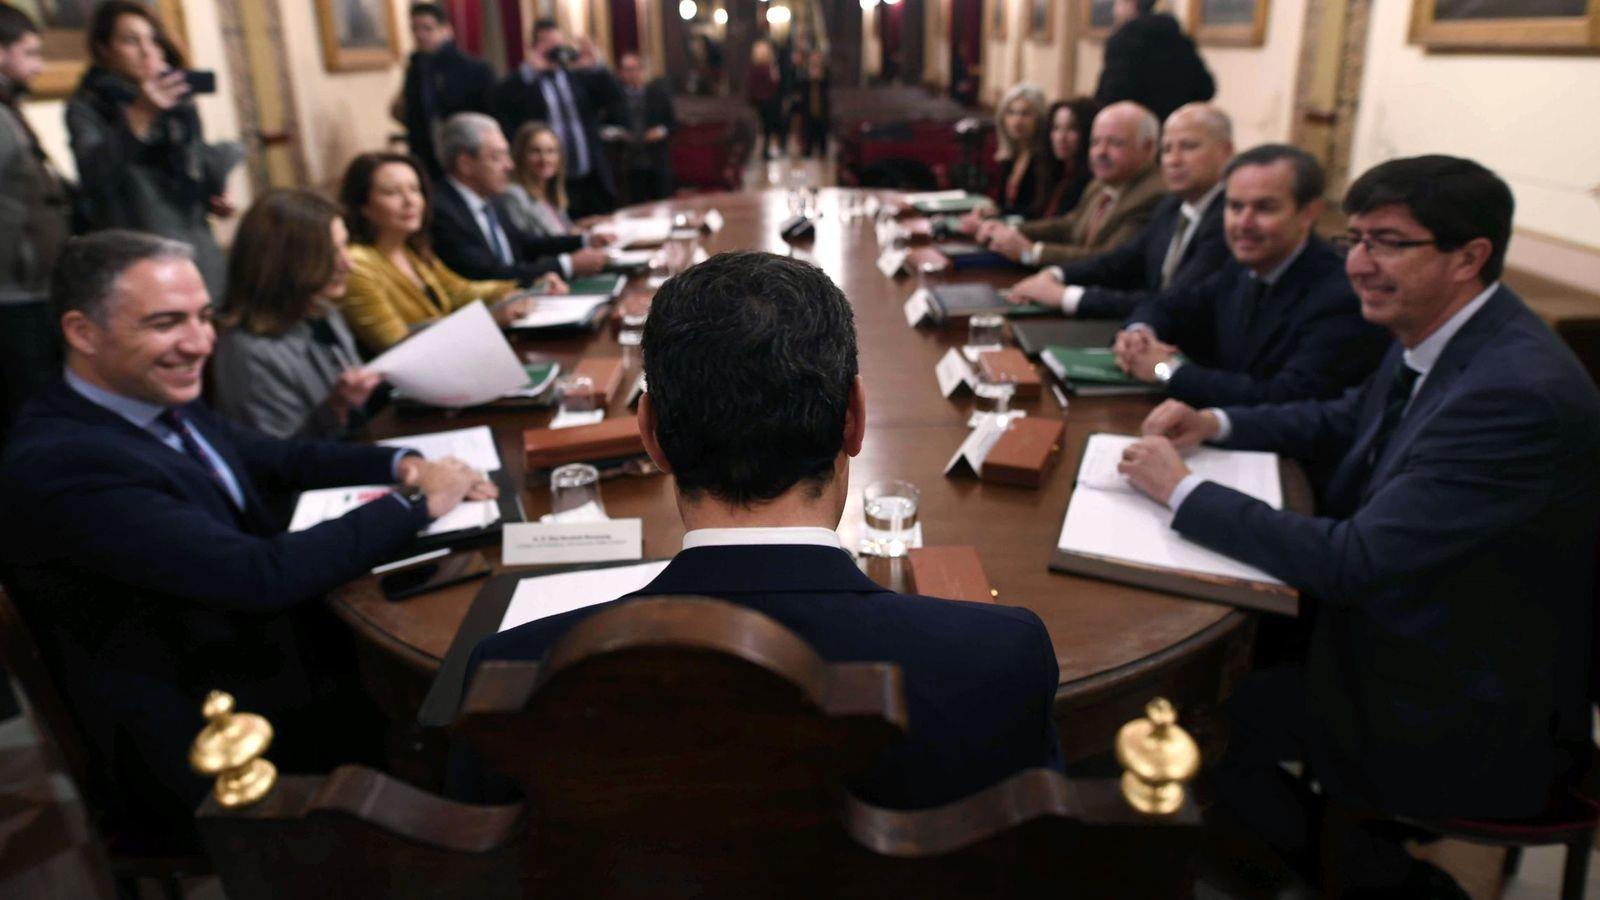 Foto: Primera reunión del Consejo de Gobierno andaluz de la XI Legislatura, celebrado en Antequera (Málaga) a finales de enero. (EFE)